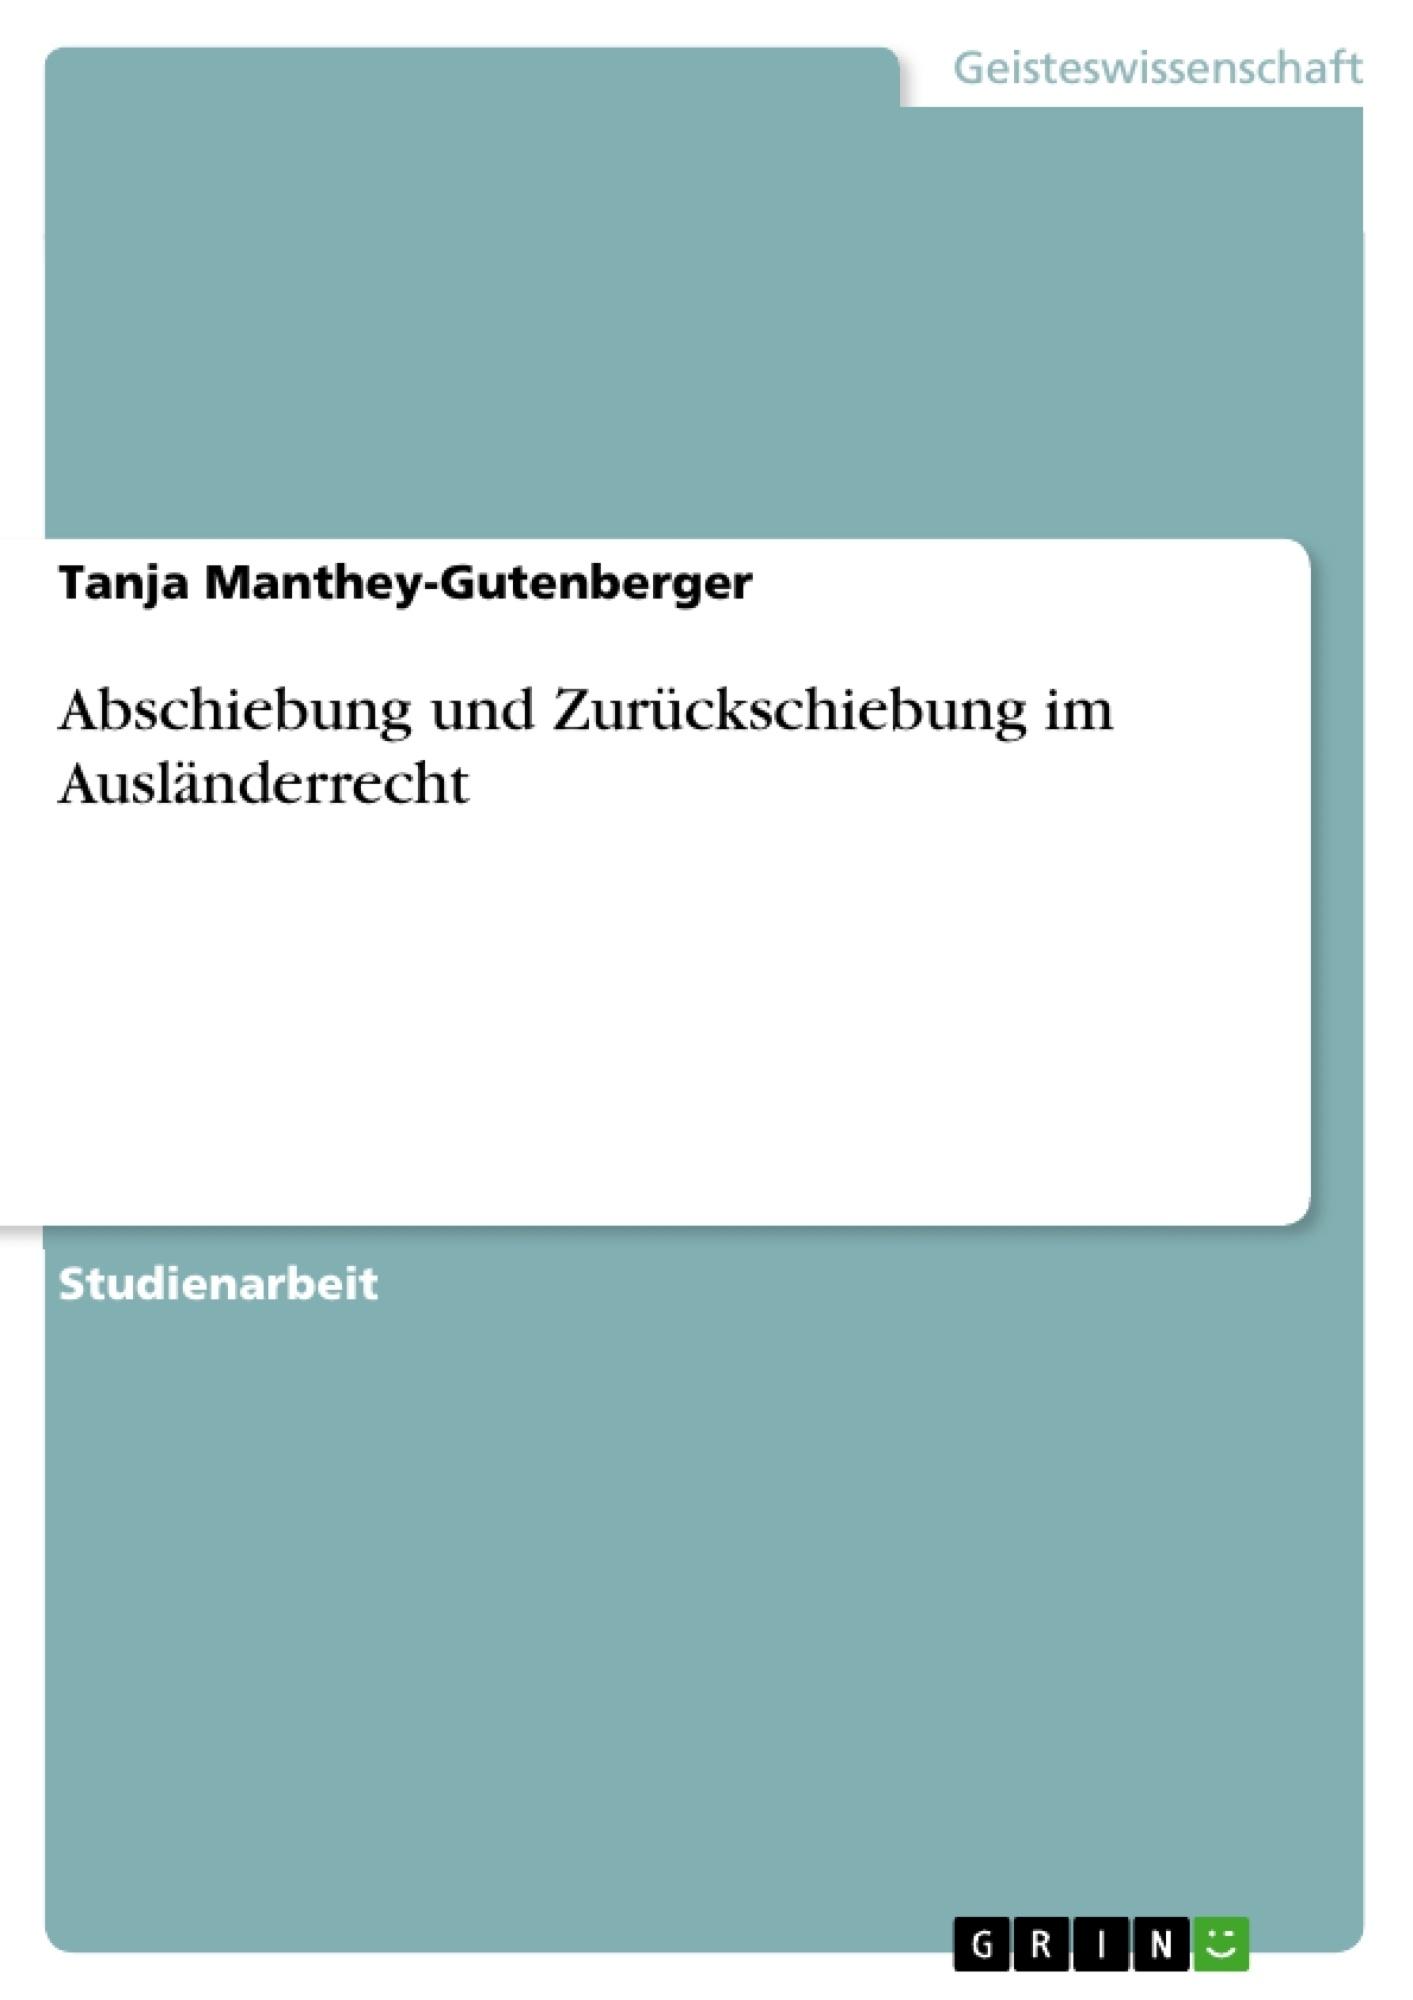 Titel: Abschiebung und Zurückschiebung im Ausländerrecht